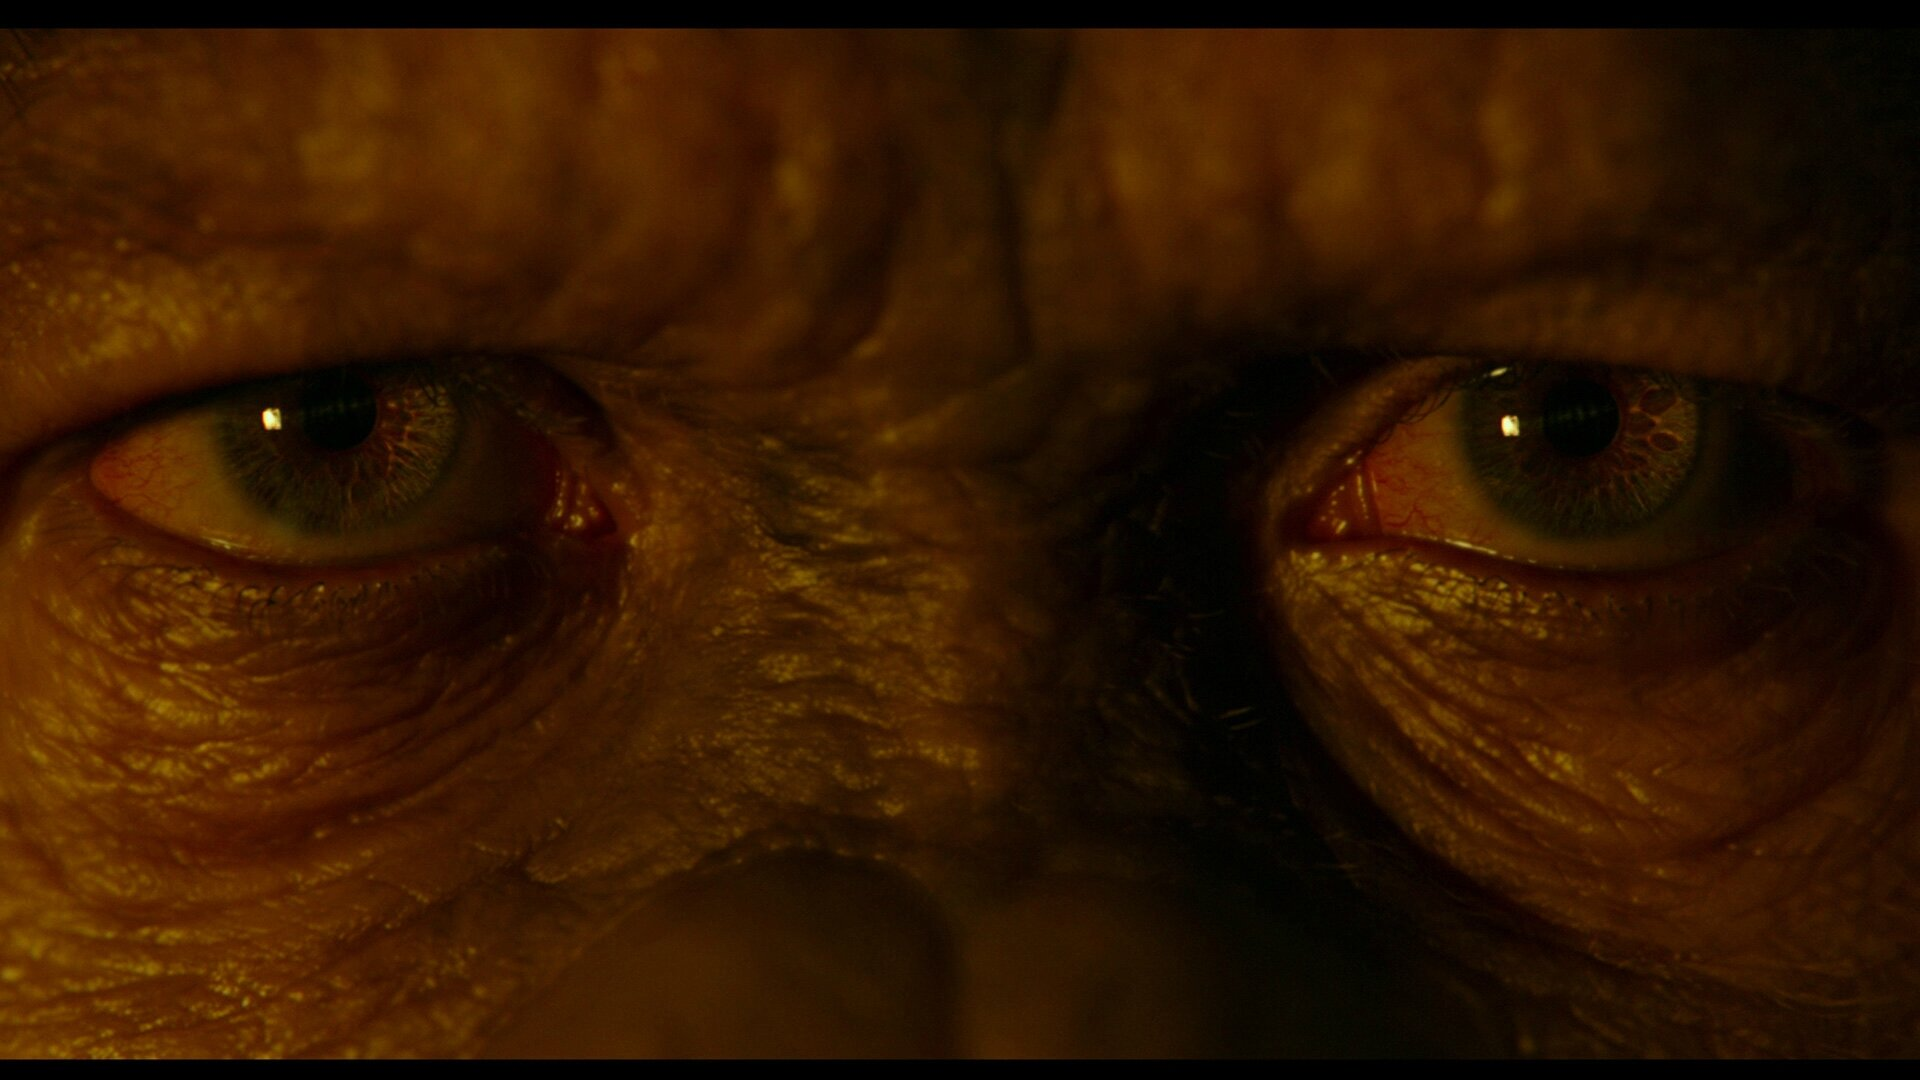 dissertation la planete des singes La plan te des singes (planet of the apes) est un ensemble de films de science-fiction am ricains produits par la 20th century fox et inspir s du roman ponyme du fran ais pierre boulle.